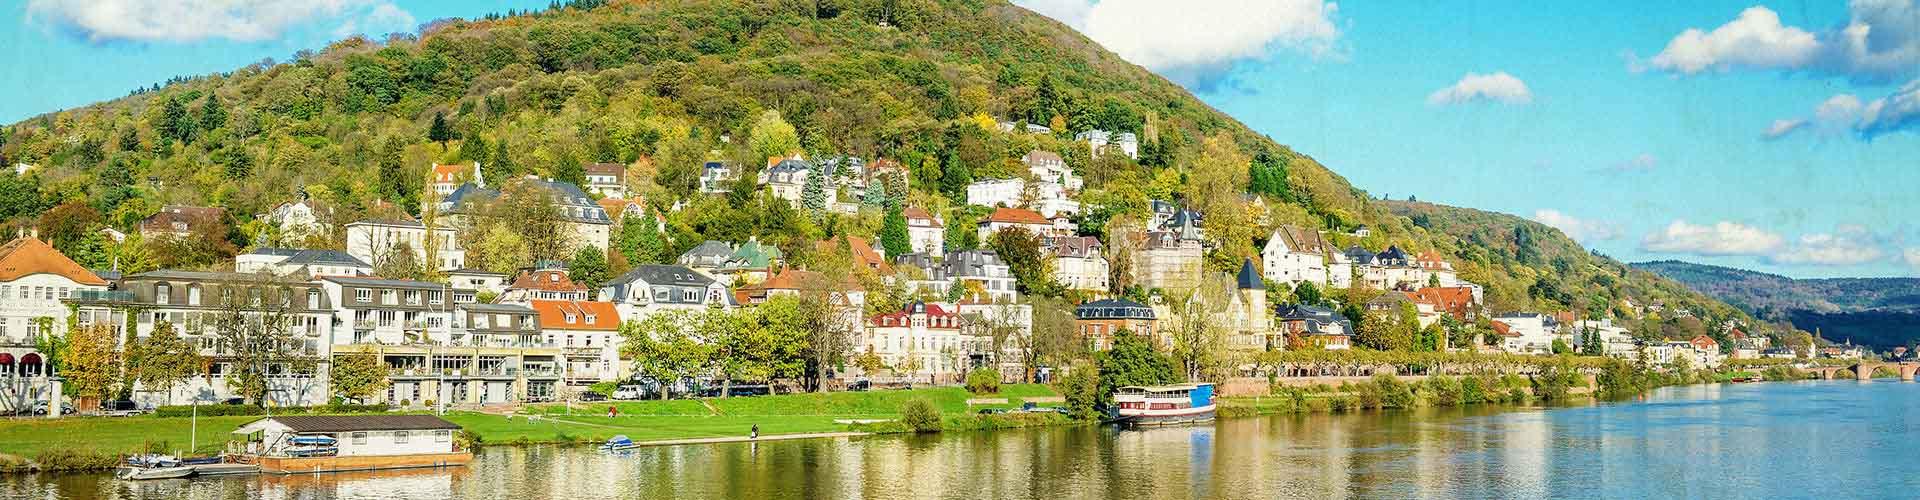 Heidelberg - Albergues Juveniles en Heidelberg. Mapas de Heidelberg, Fotos y Comentarios para cada Albergue Juvenil en Heidelberg.